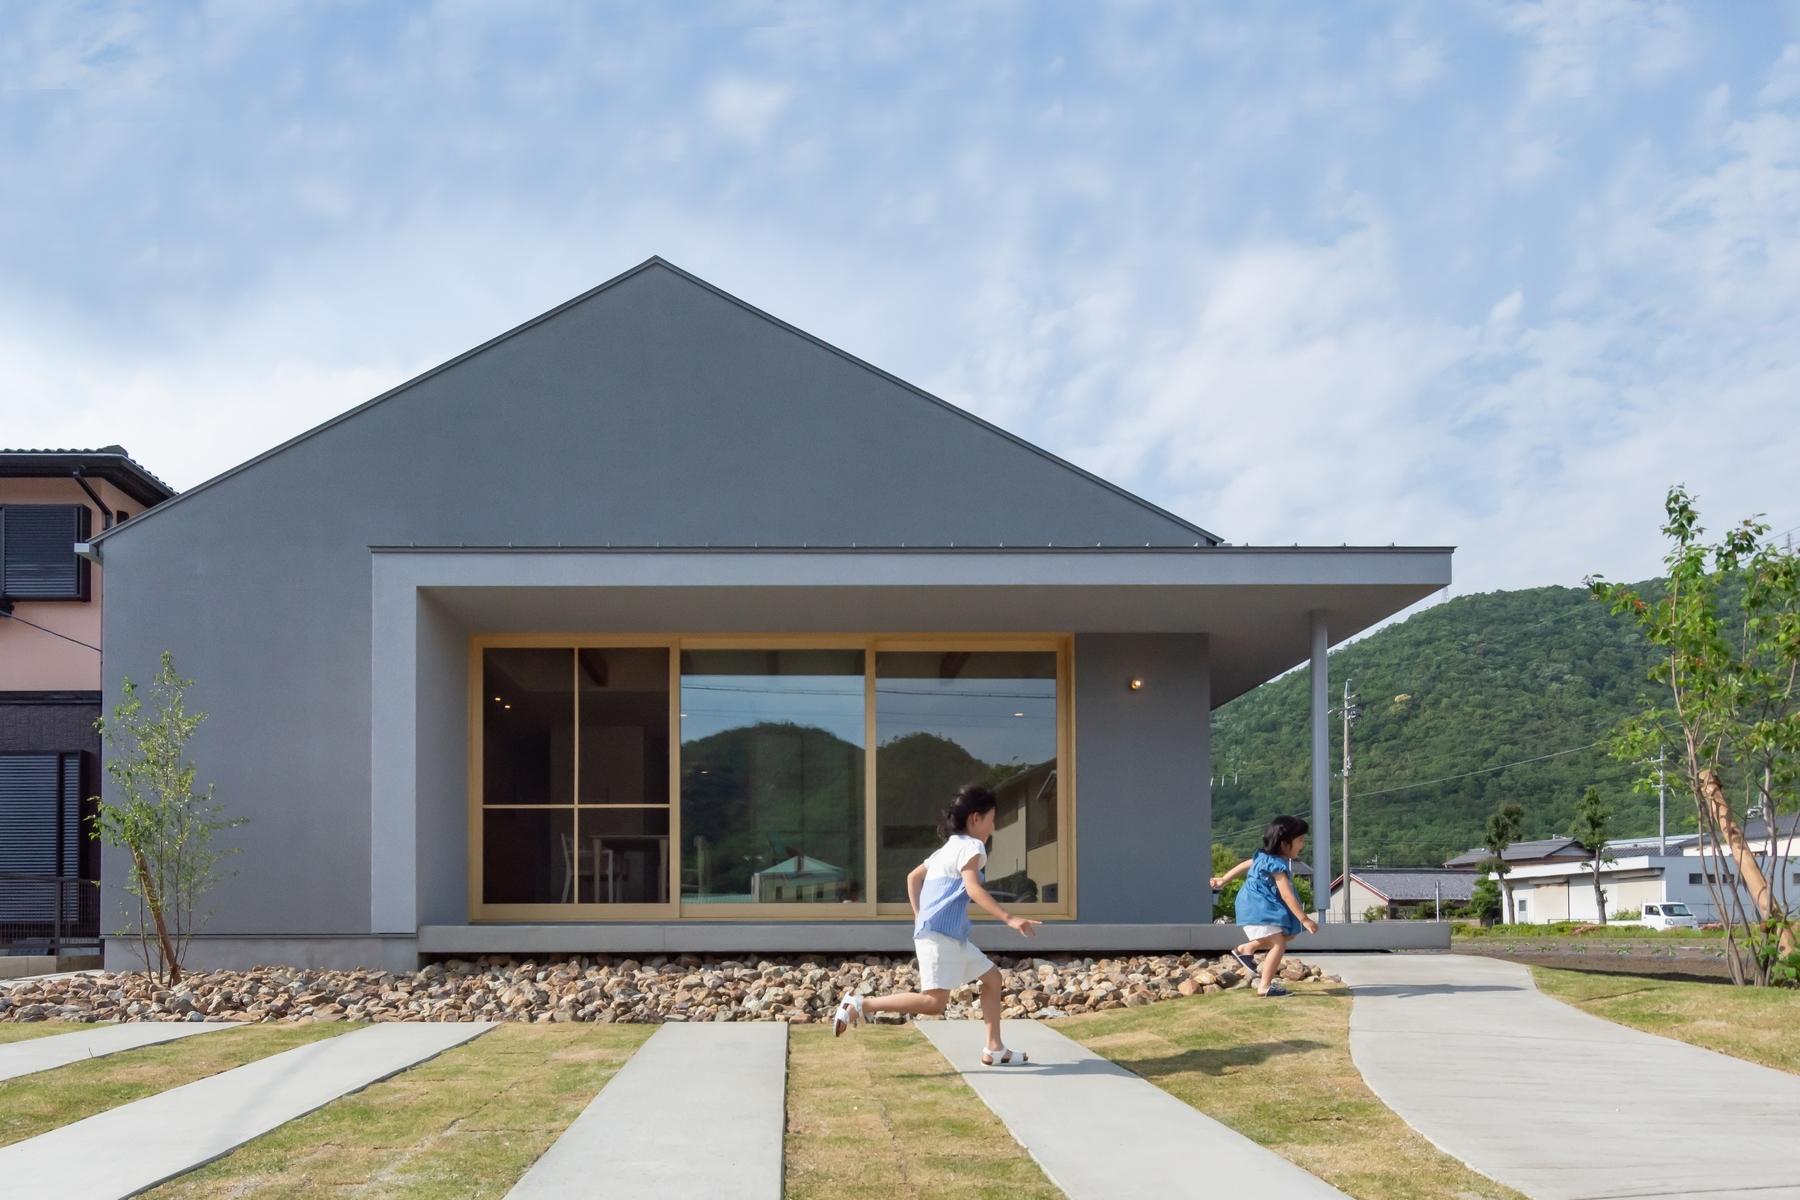 お施主様のイメージから、外観は三角屋根のかわいいカタチを、内装は北欧風の落ち着いた印象で提案しました